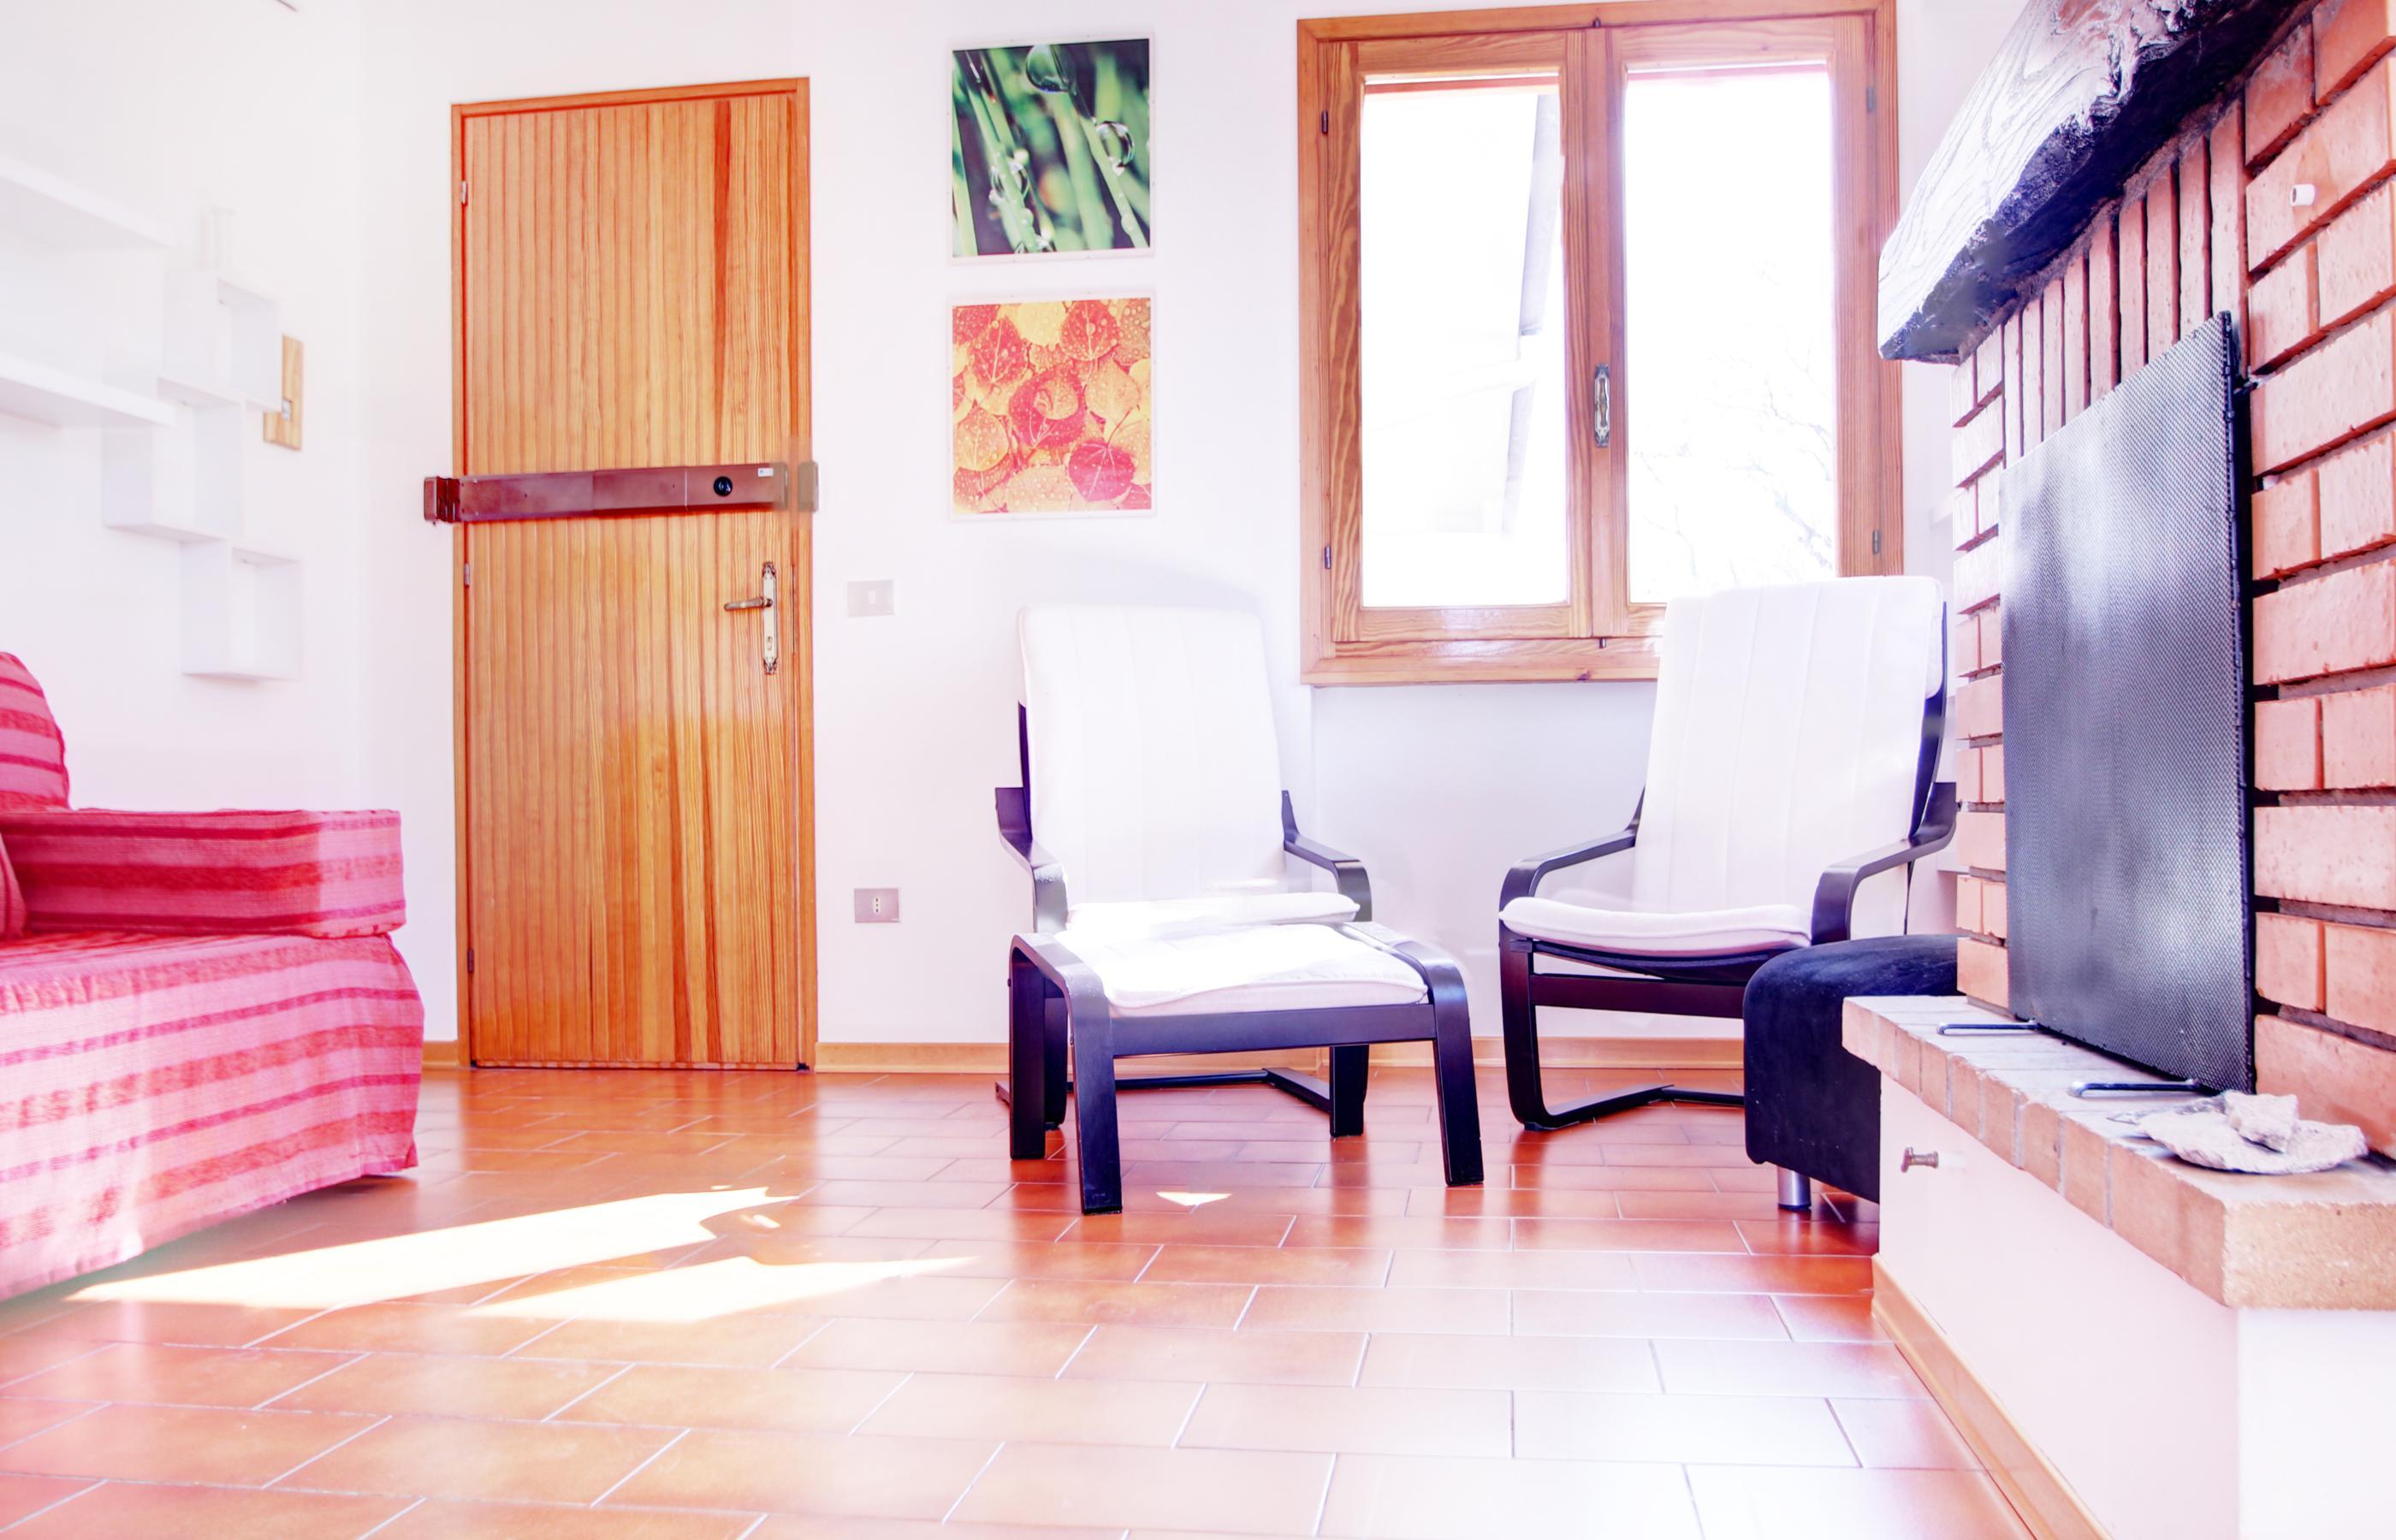 Vacciago appartamento con due camere da letto e due garage for Casa con 3 camere da letto e garage